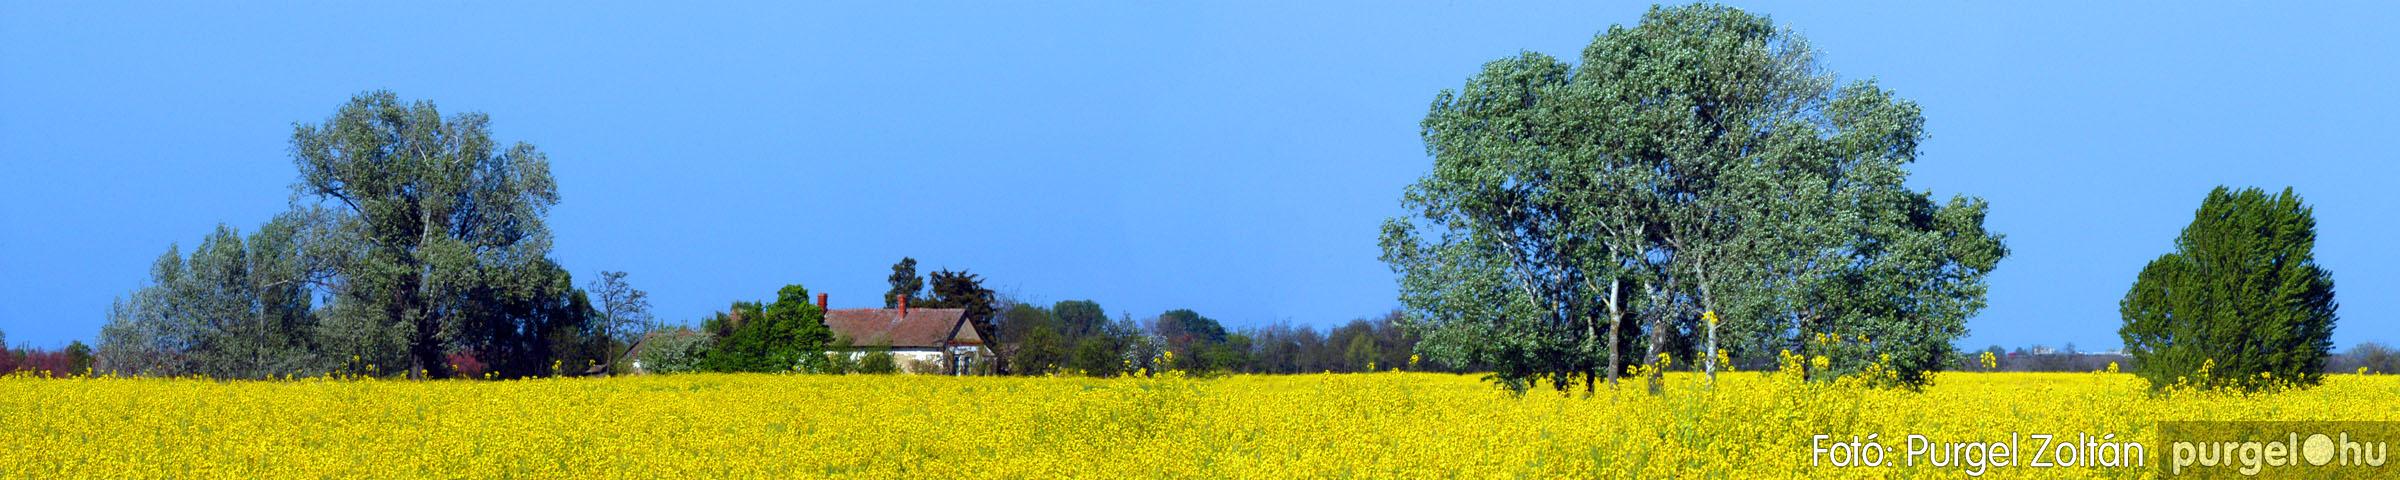 039 Örök pillanatok fotókiállításom képei - Szegvári határ panoráma · The ruins of Szegvár castle - Fotó:PURGEL ZOLTÁN©.jpg